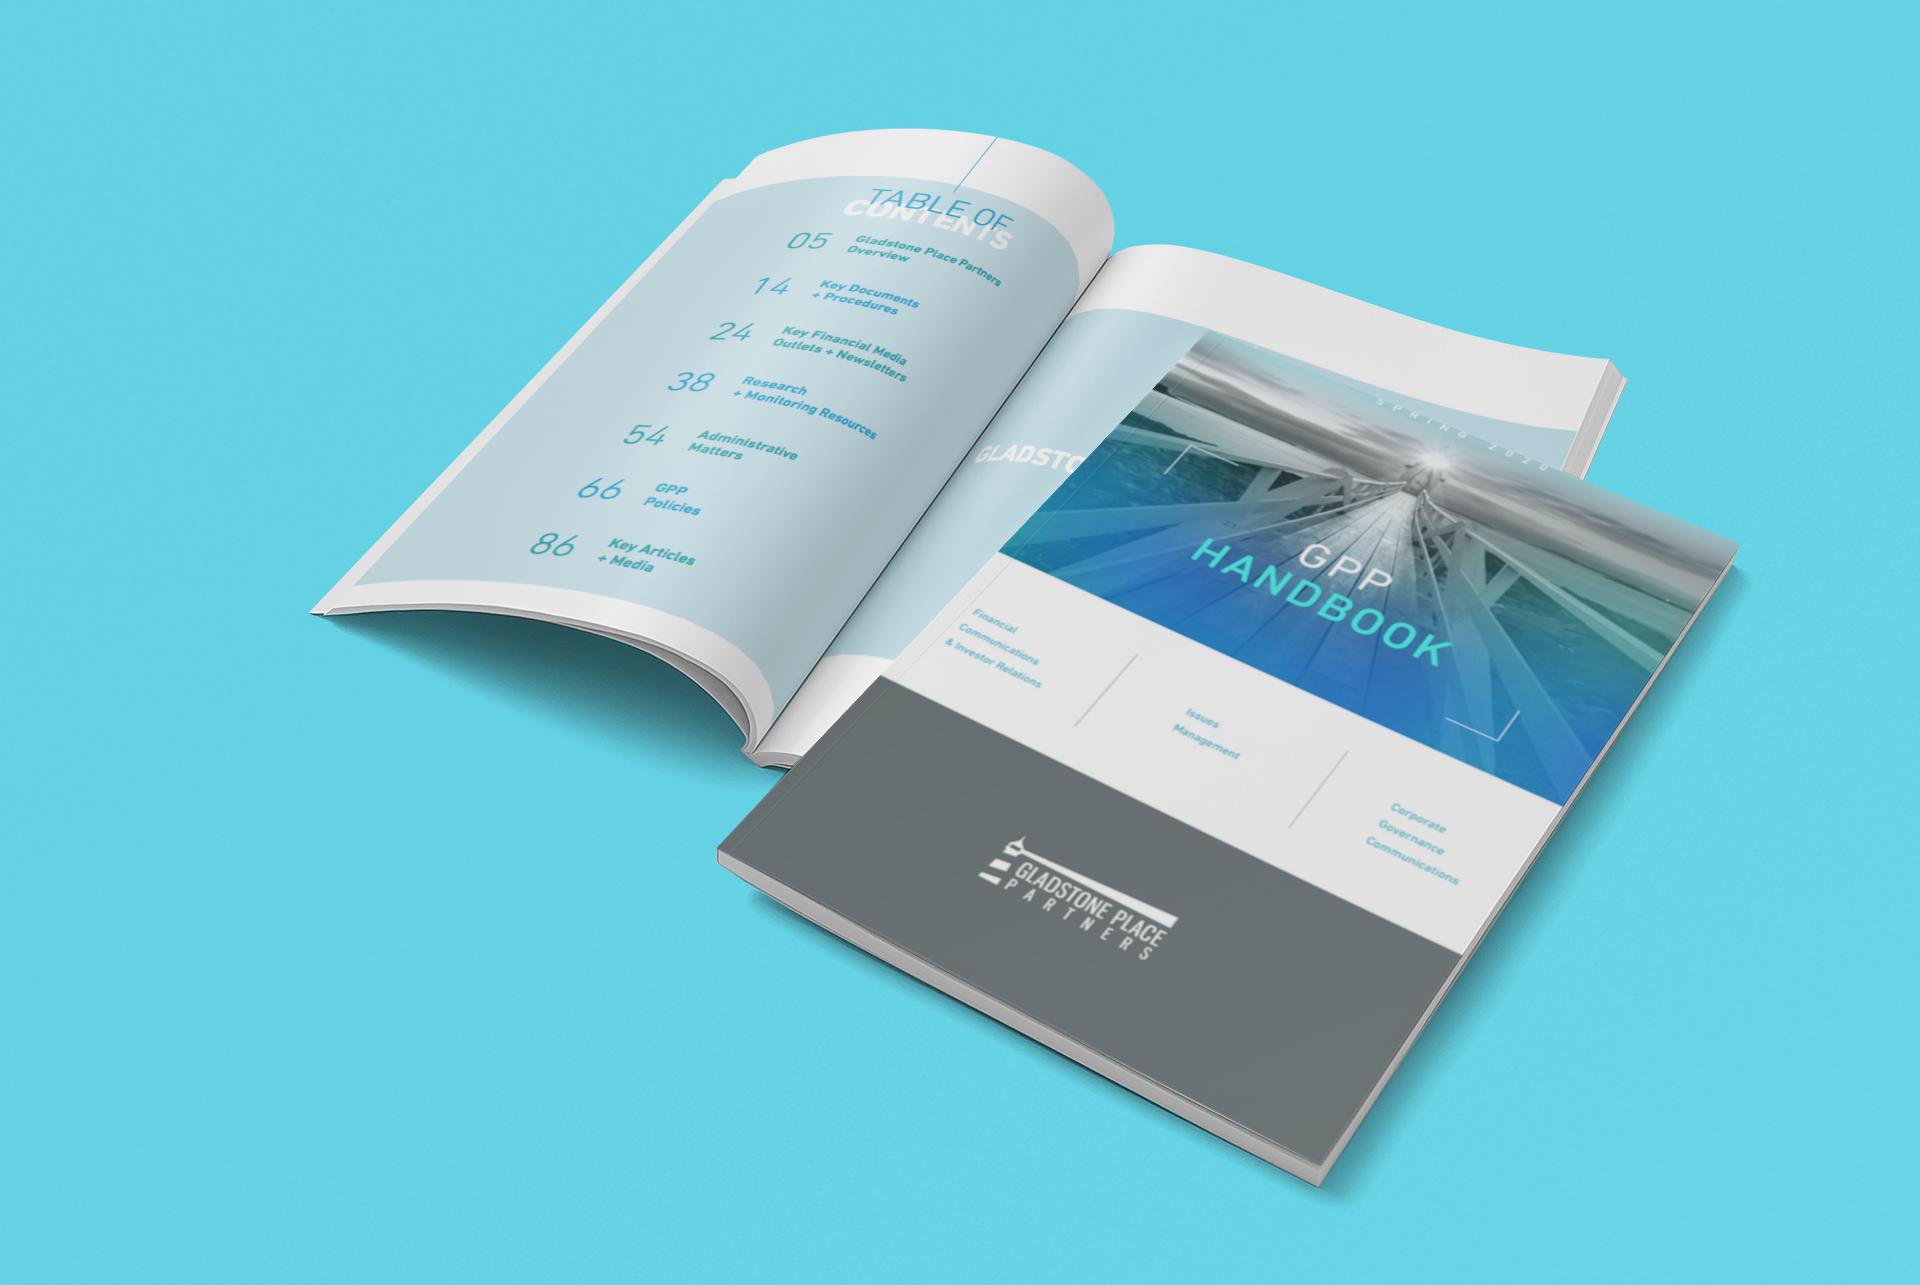 GPP Handbook